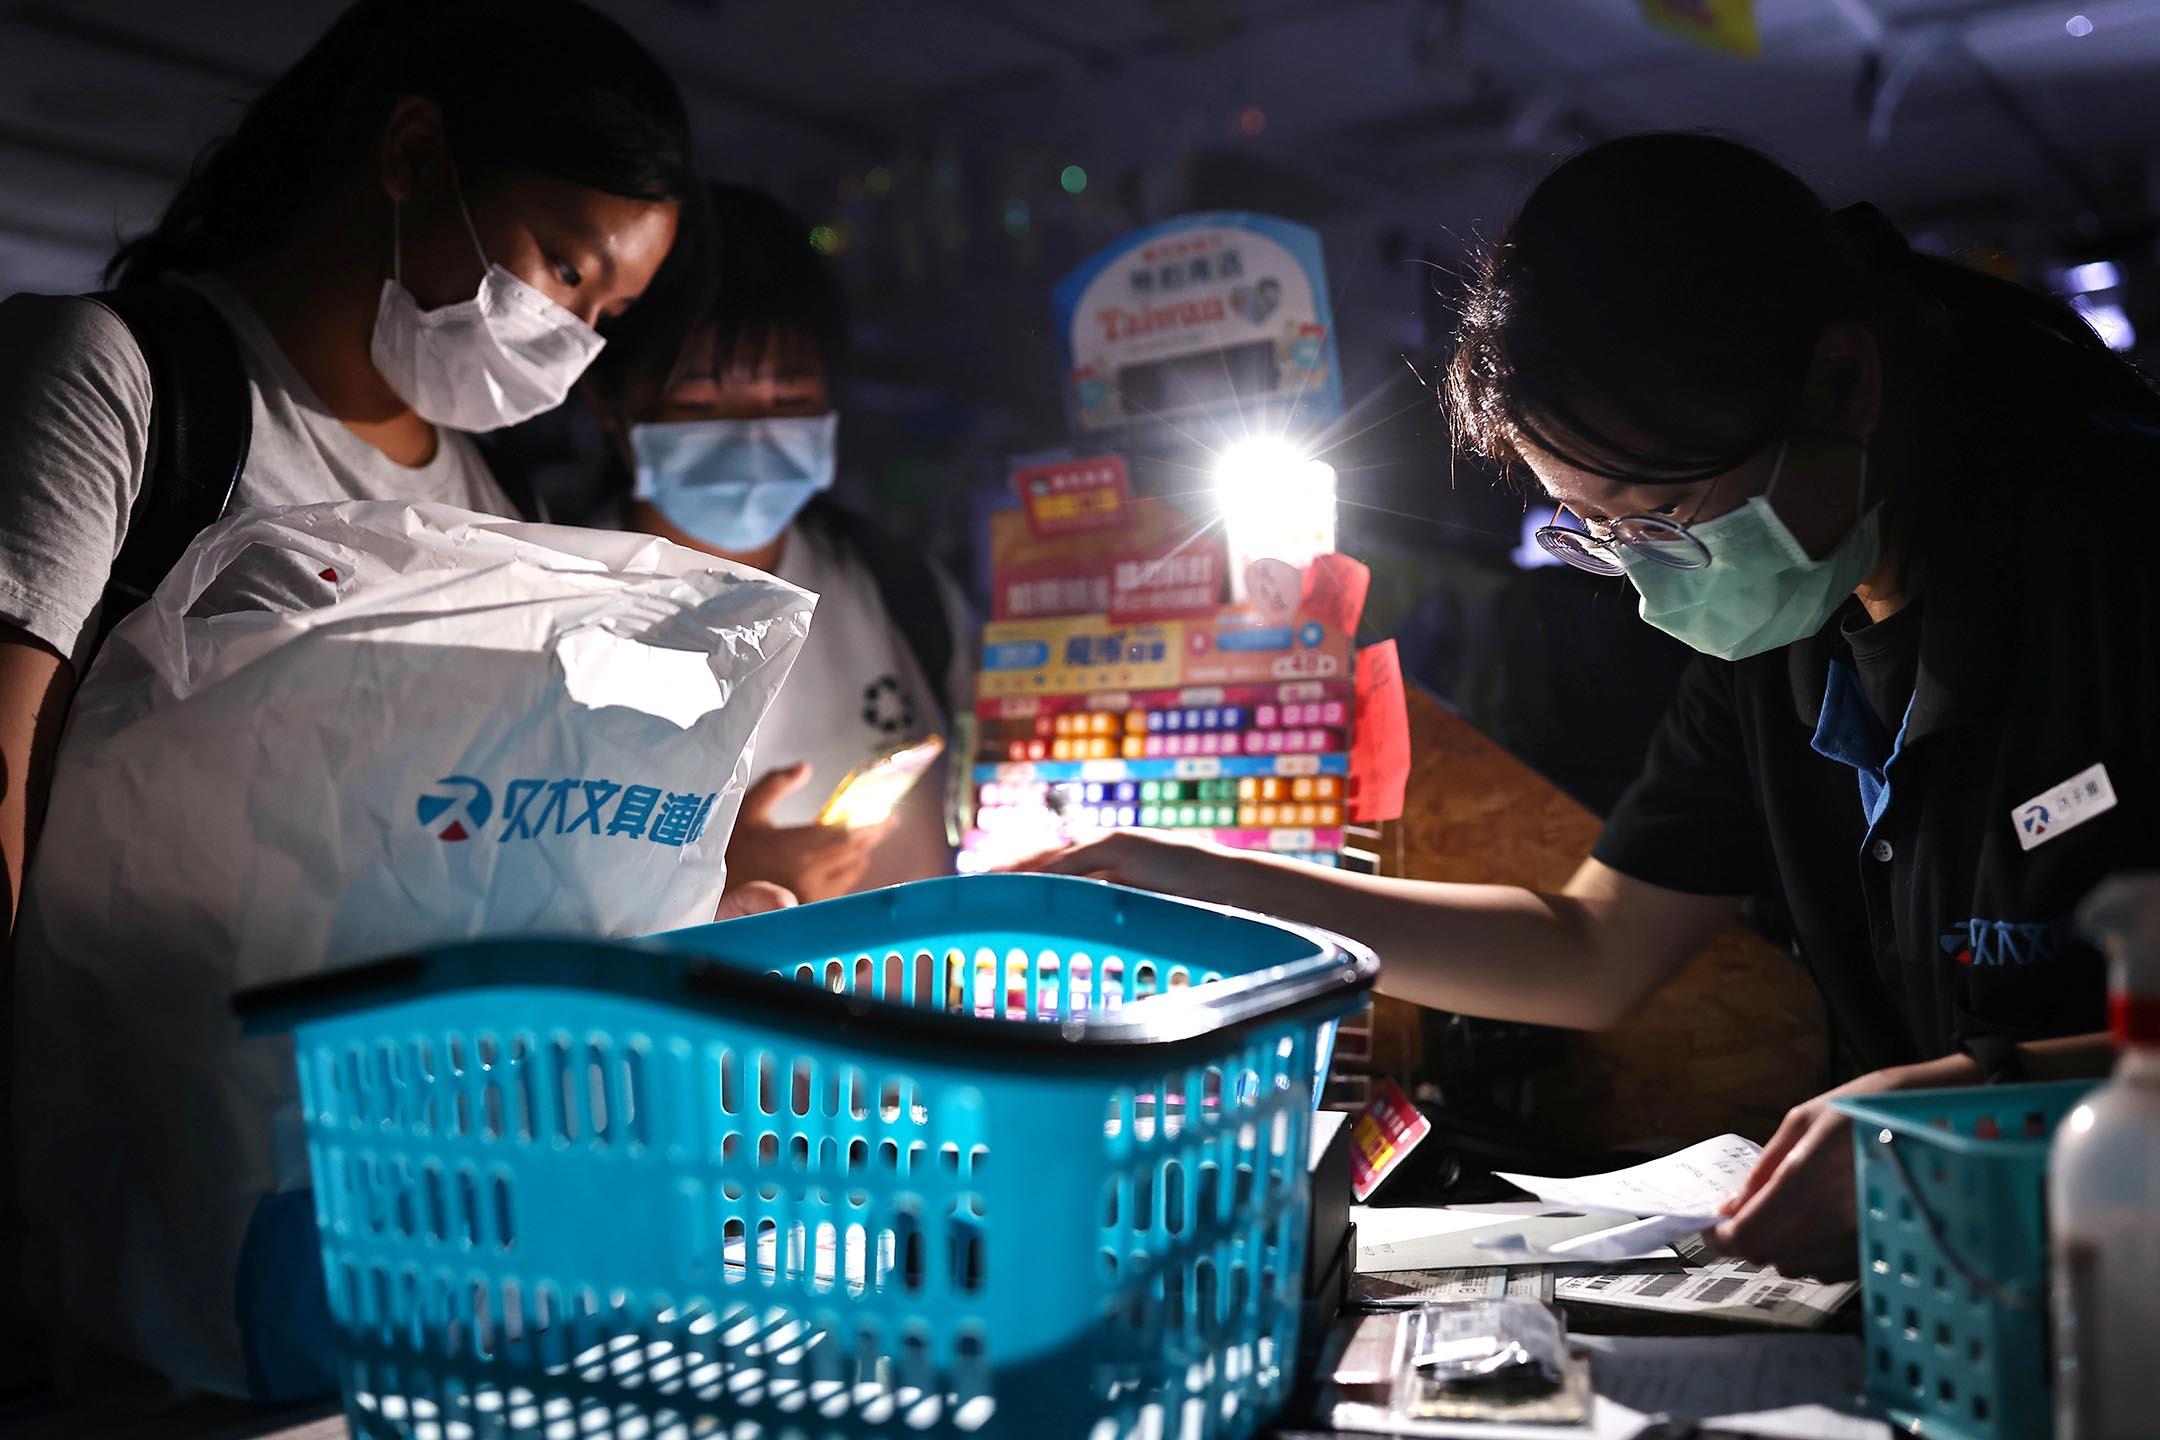 2021年5月13日台北,停電期間,一家商店內人們亮起手機燈付款。 攝:Ann Wang/Reuters/達志影像